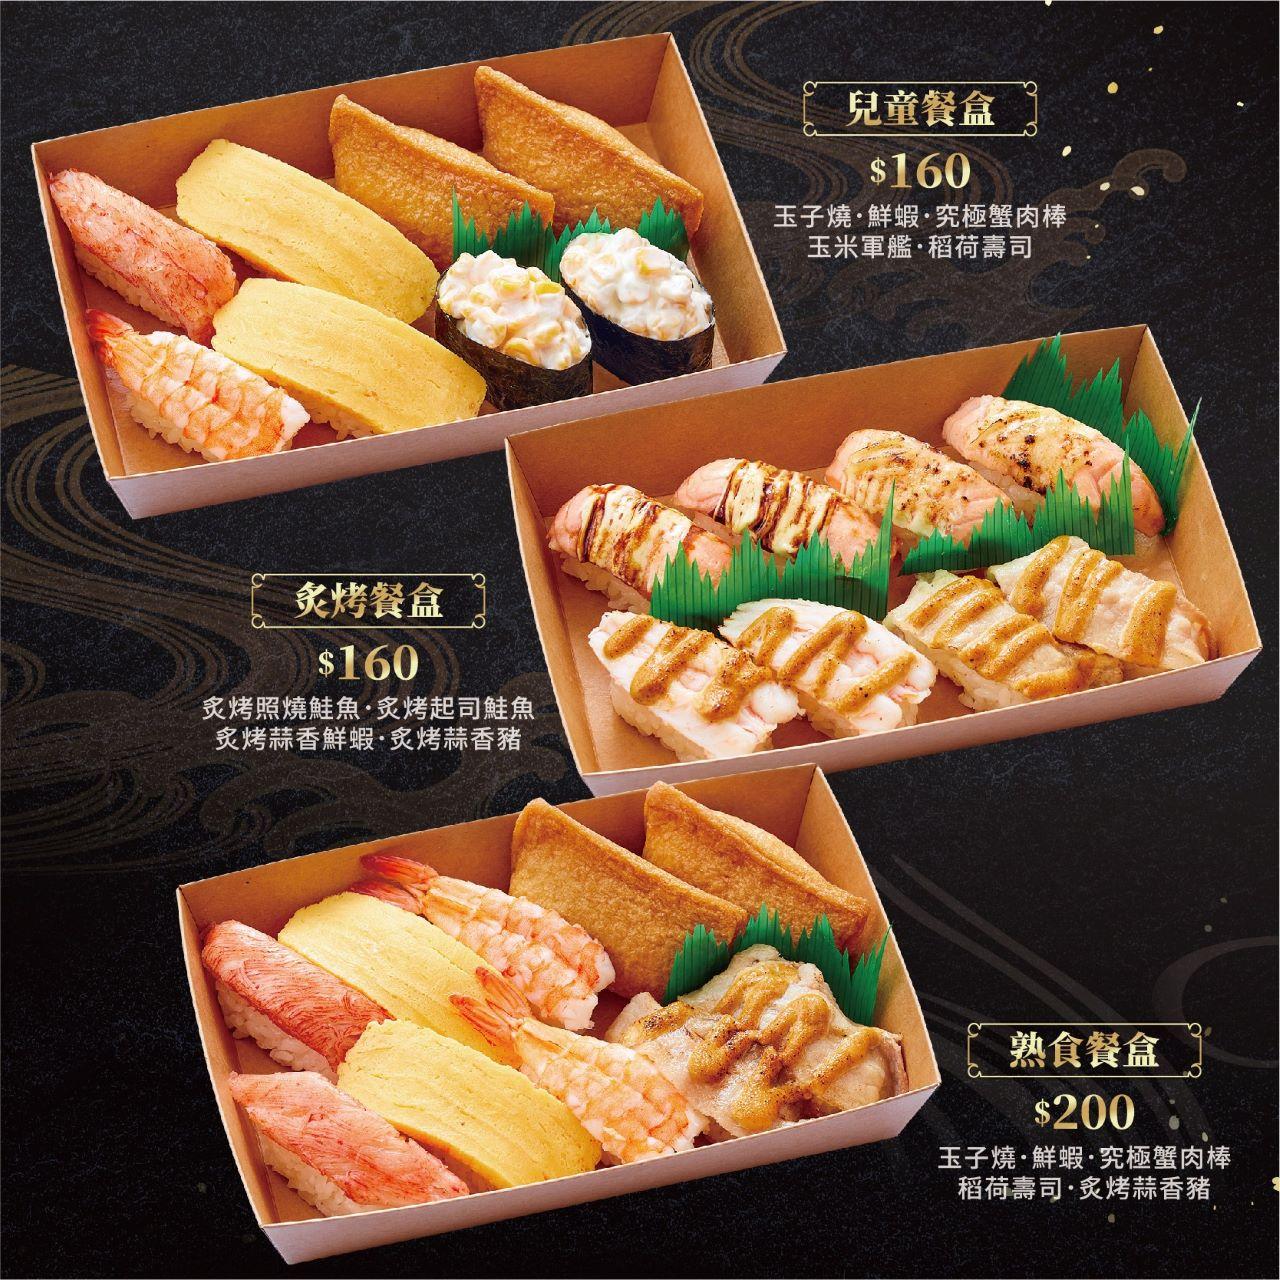 藏壽司 Kurasushi Taiwan外帶餐盒買一盒就直接送柯南扭蛋喔(全台分店陸續開賣) @Nancy將的生活筆計本